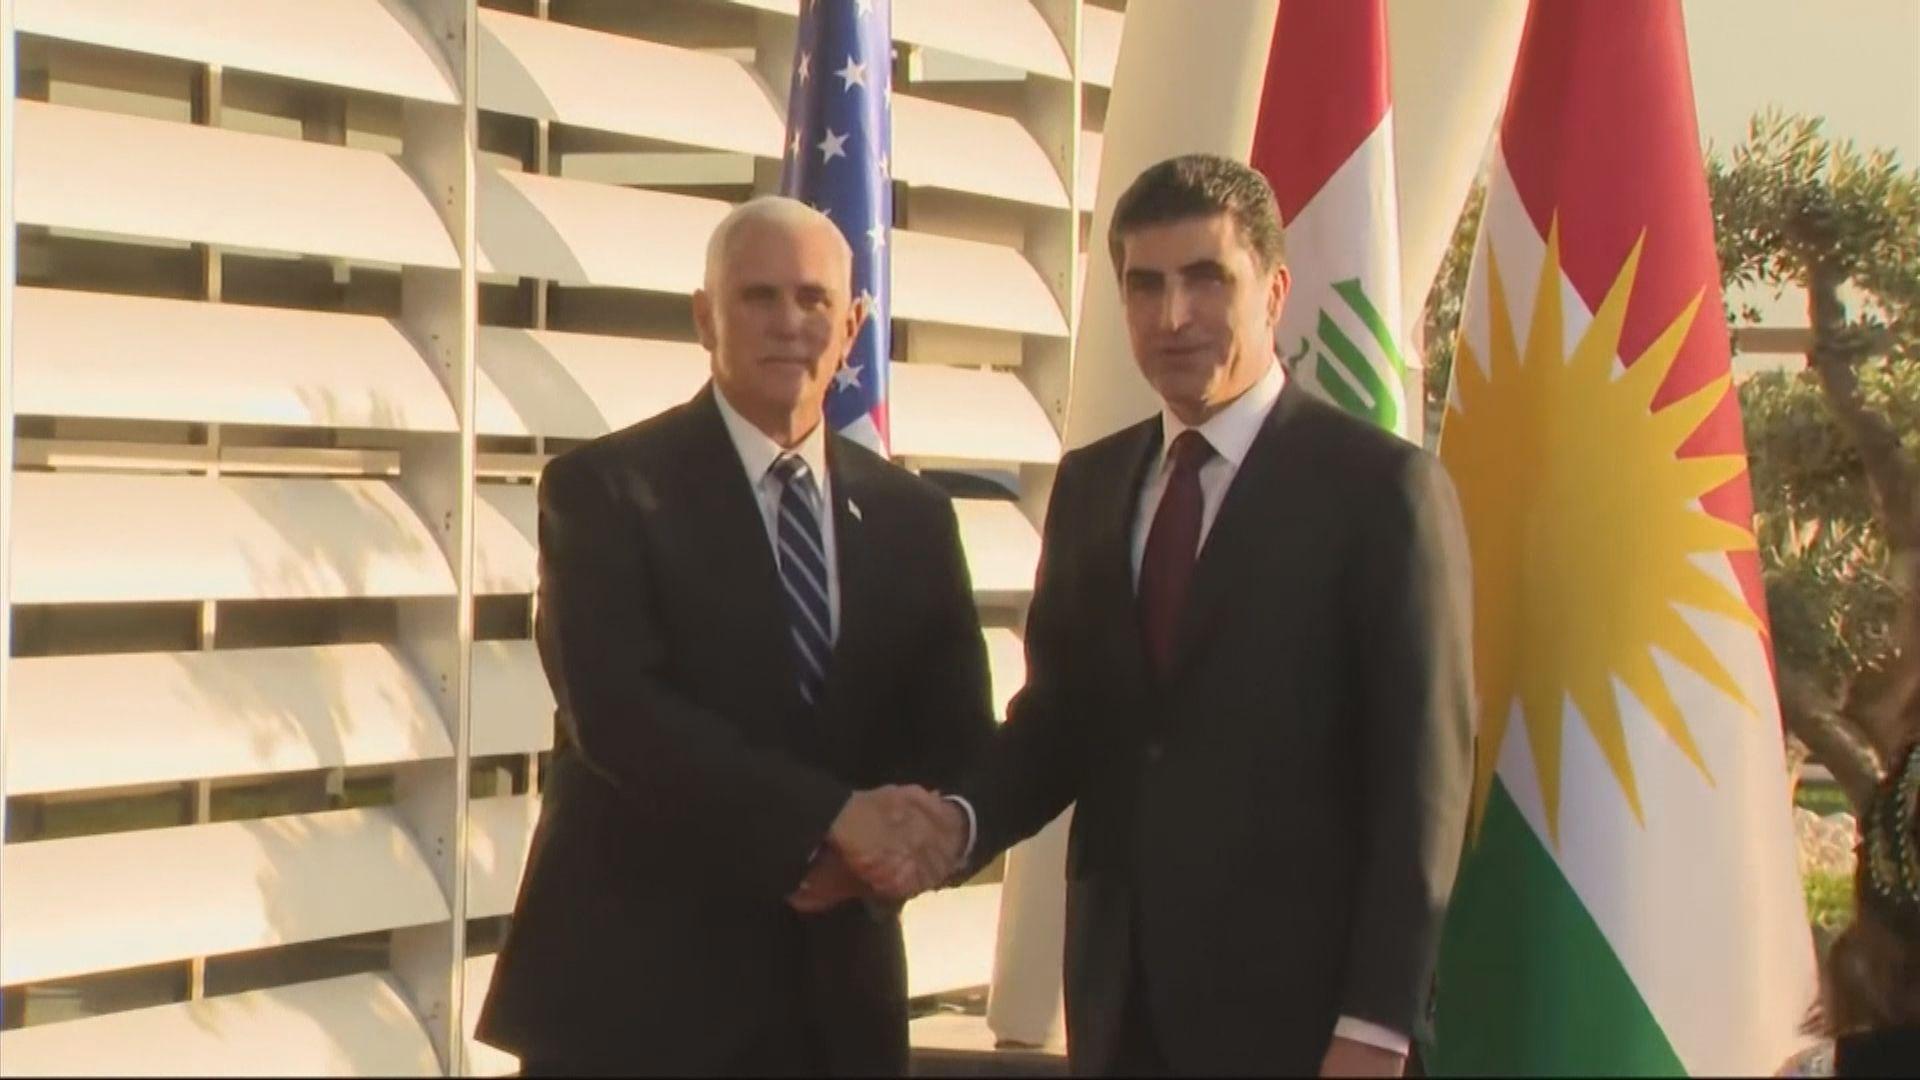 美國副總統彭斯突然到訪伊拉克